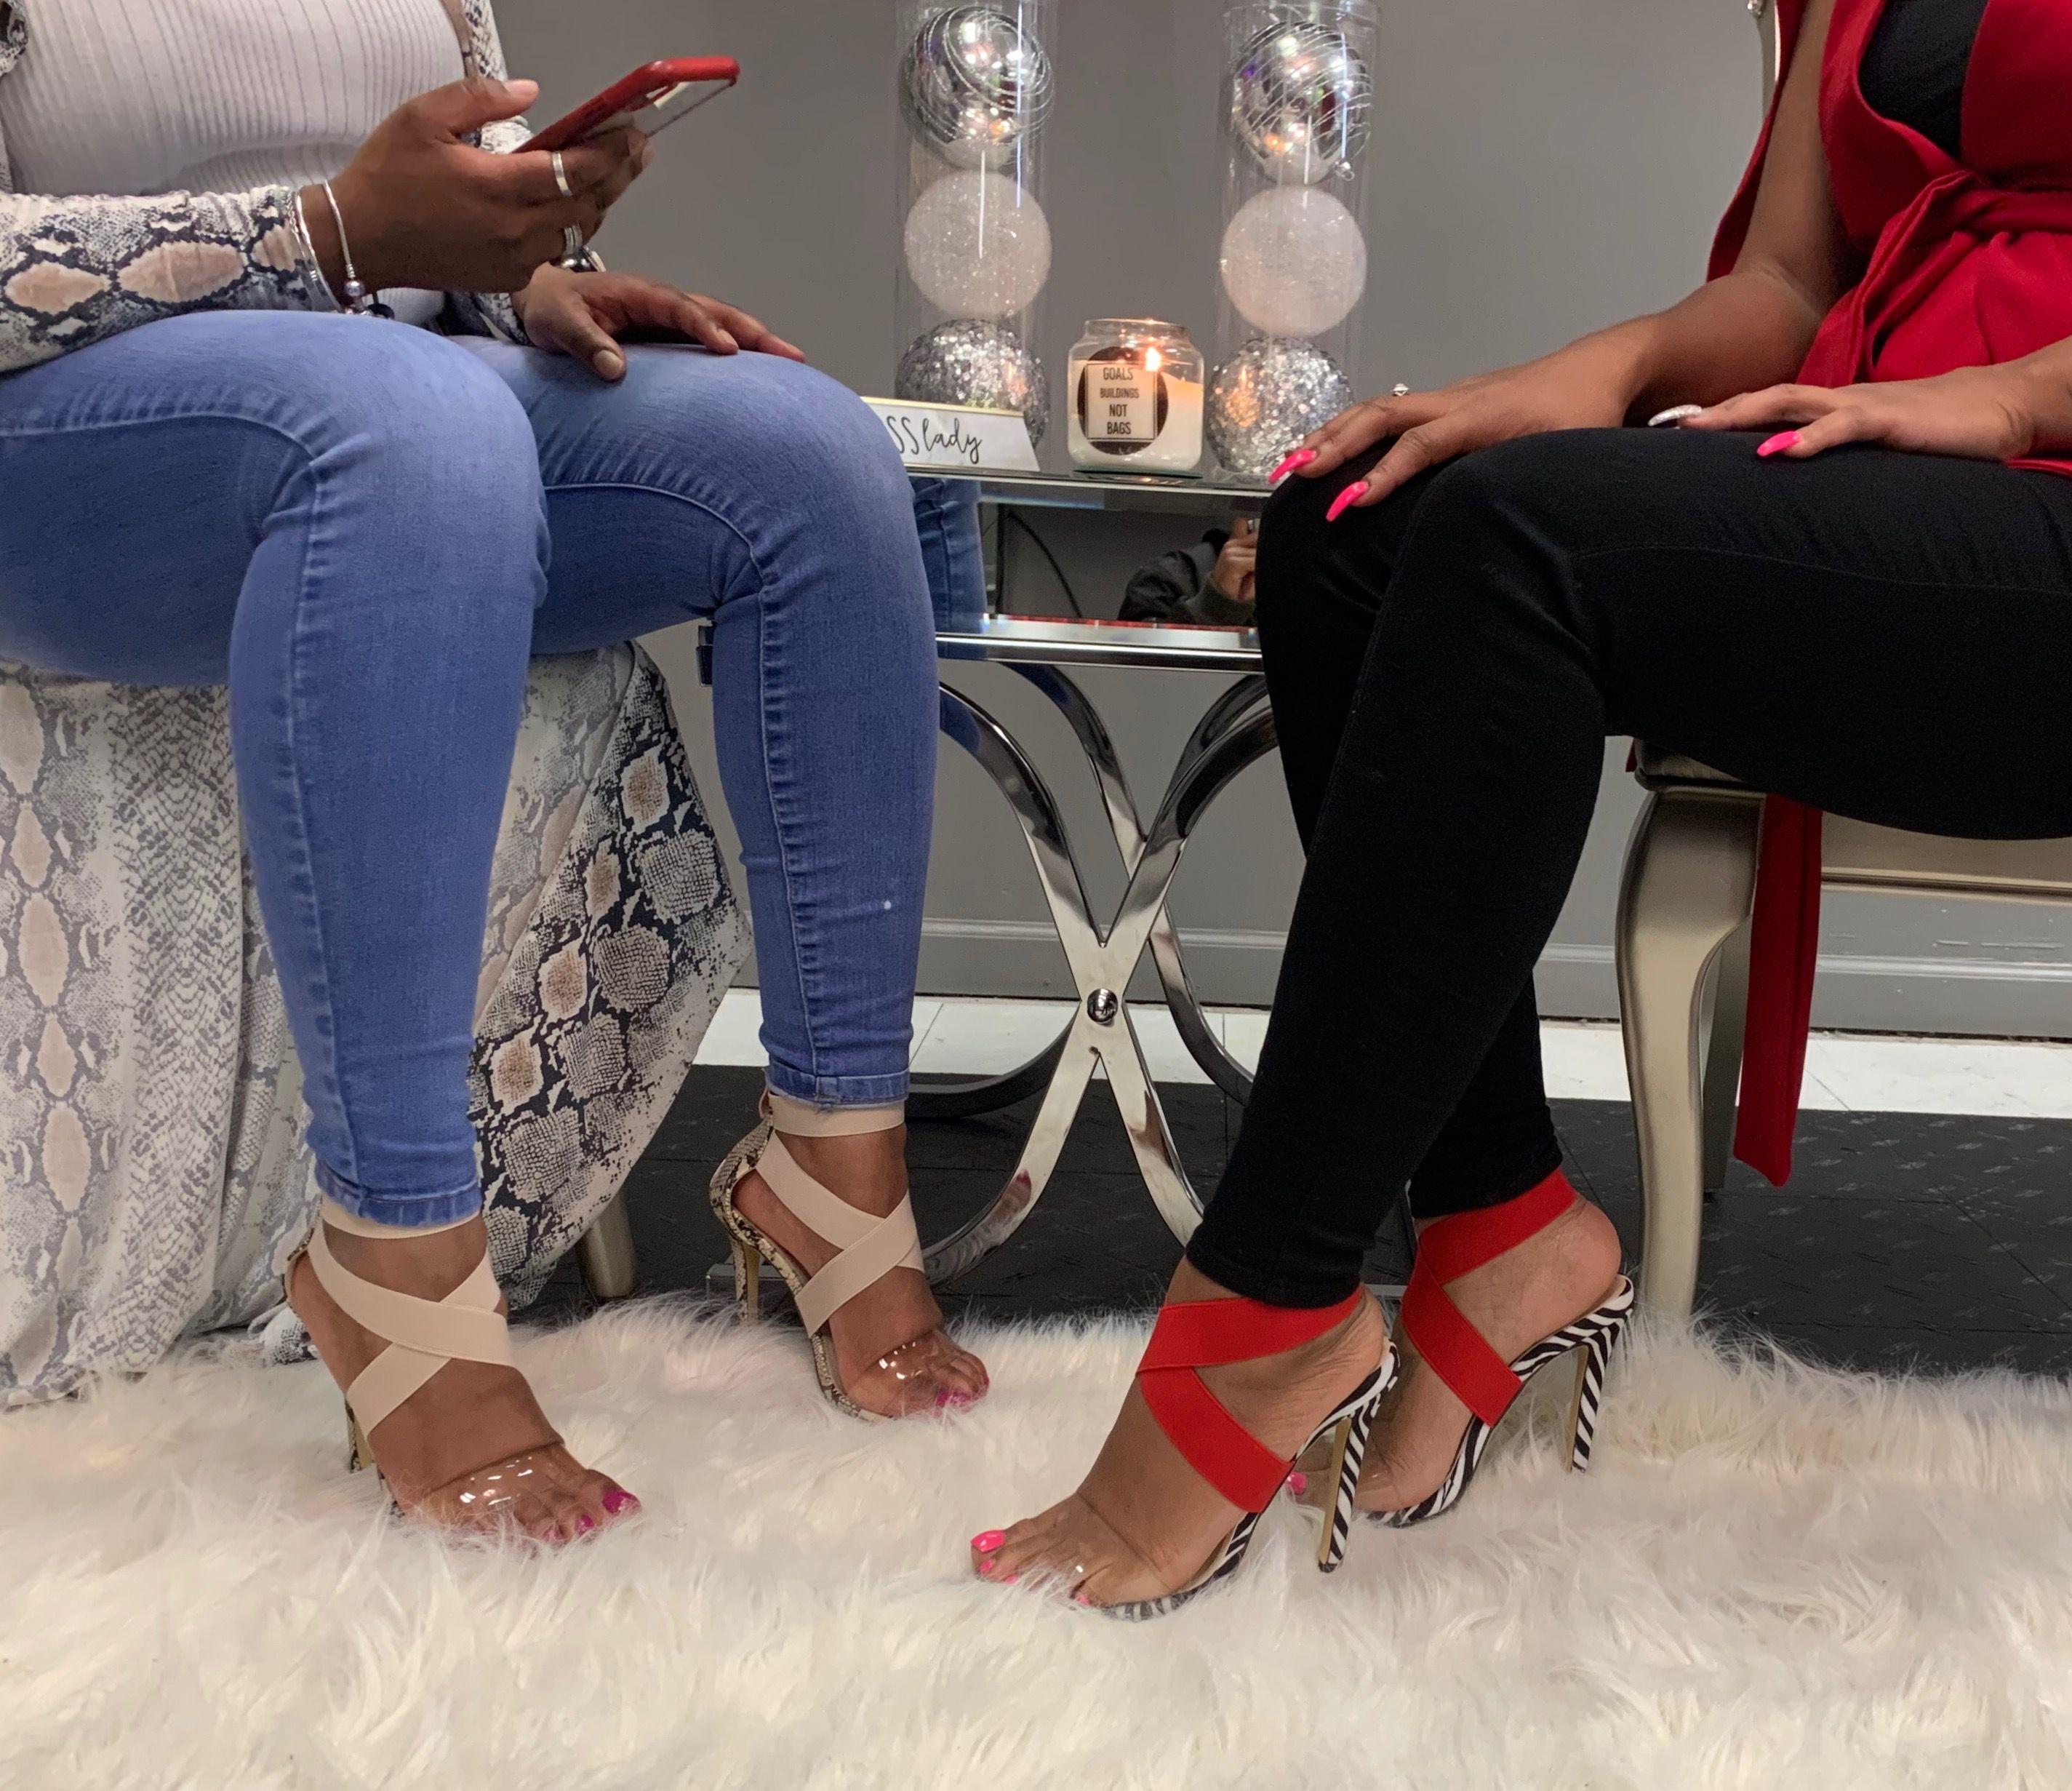 Shoe boutique, Chic shoes, Classy chic